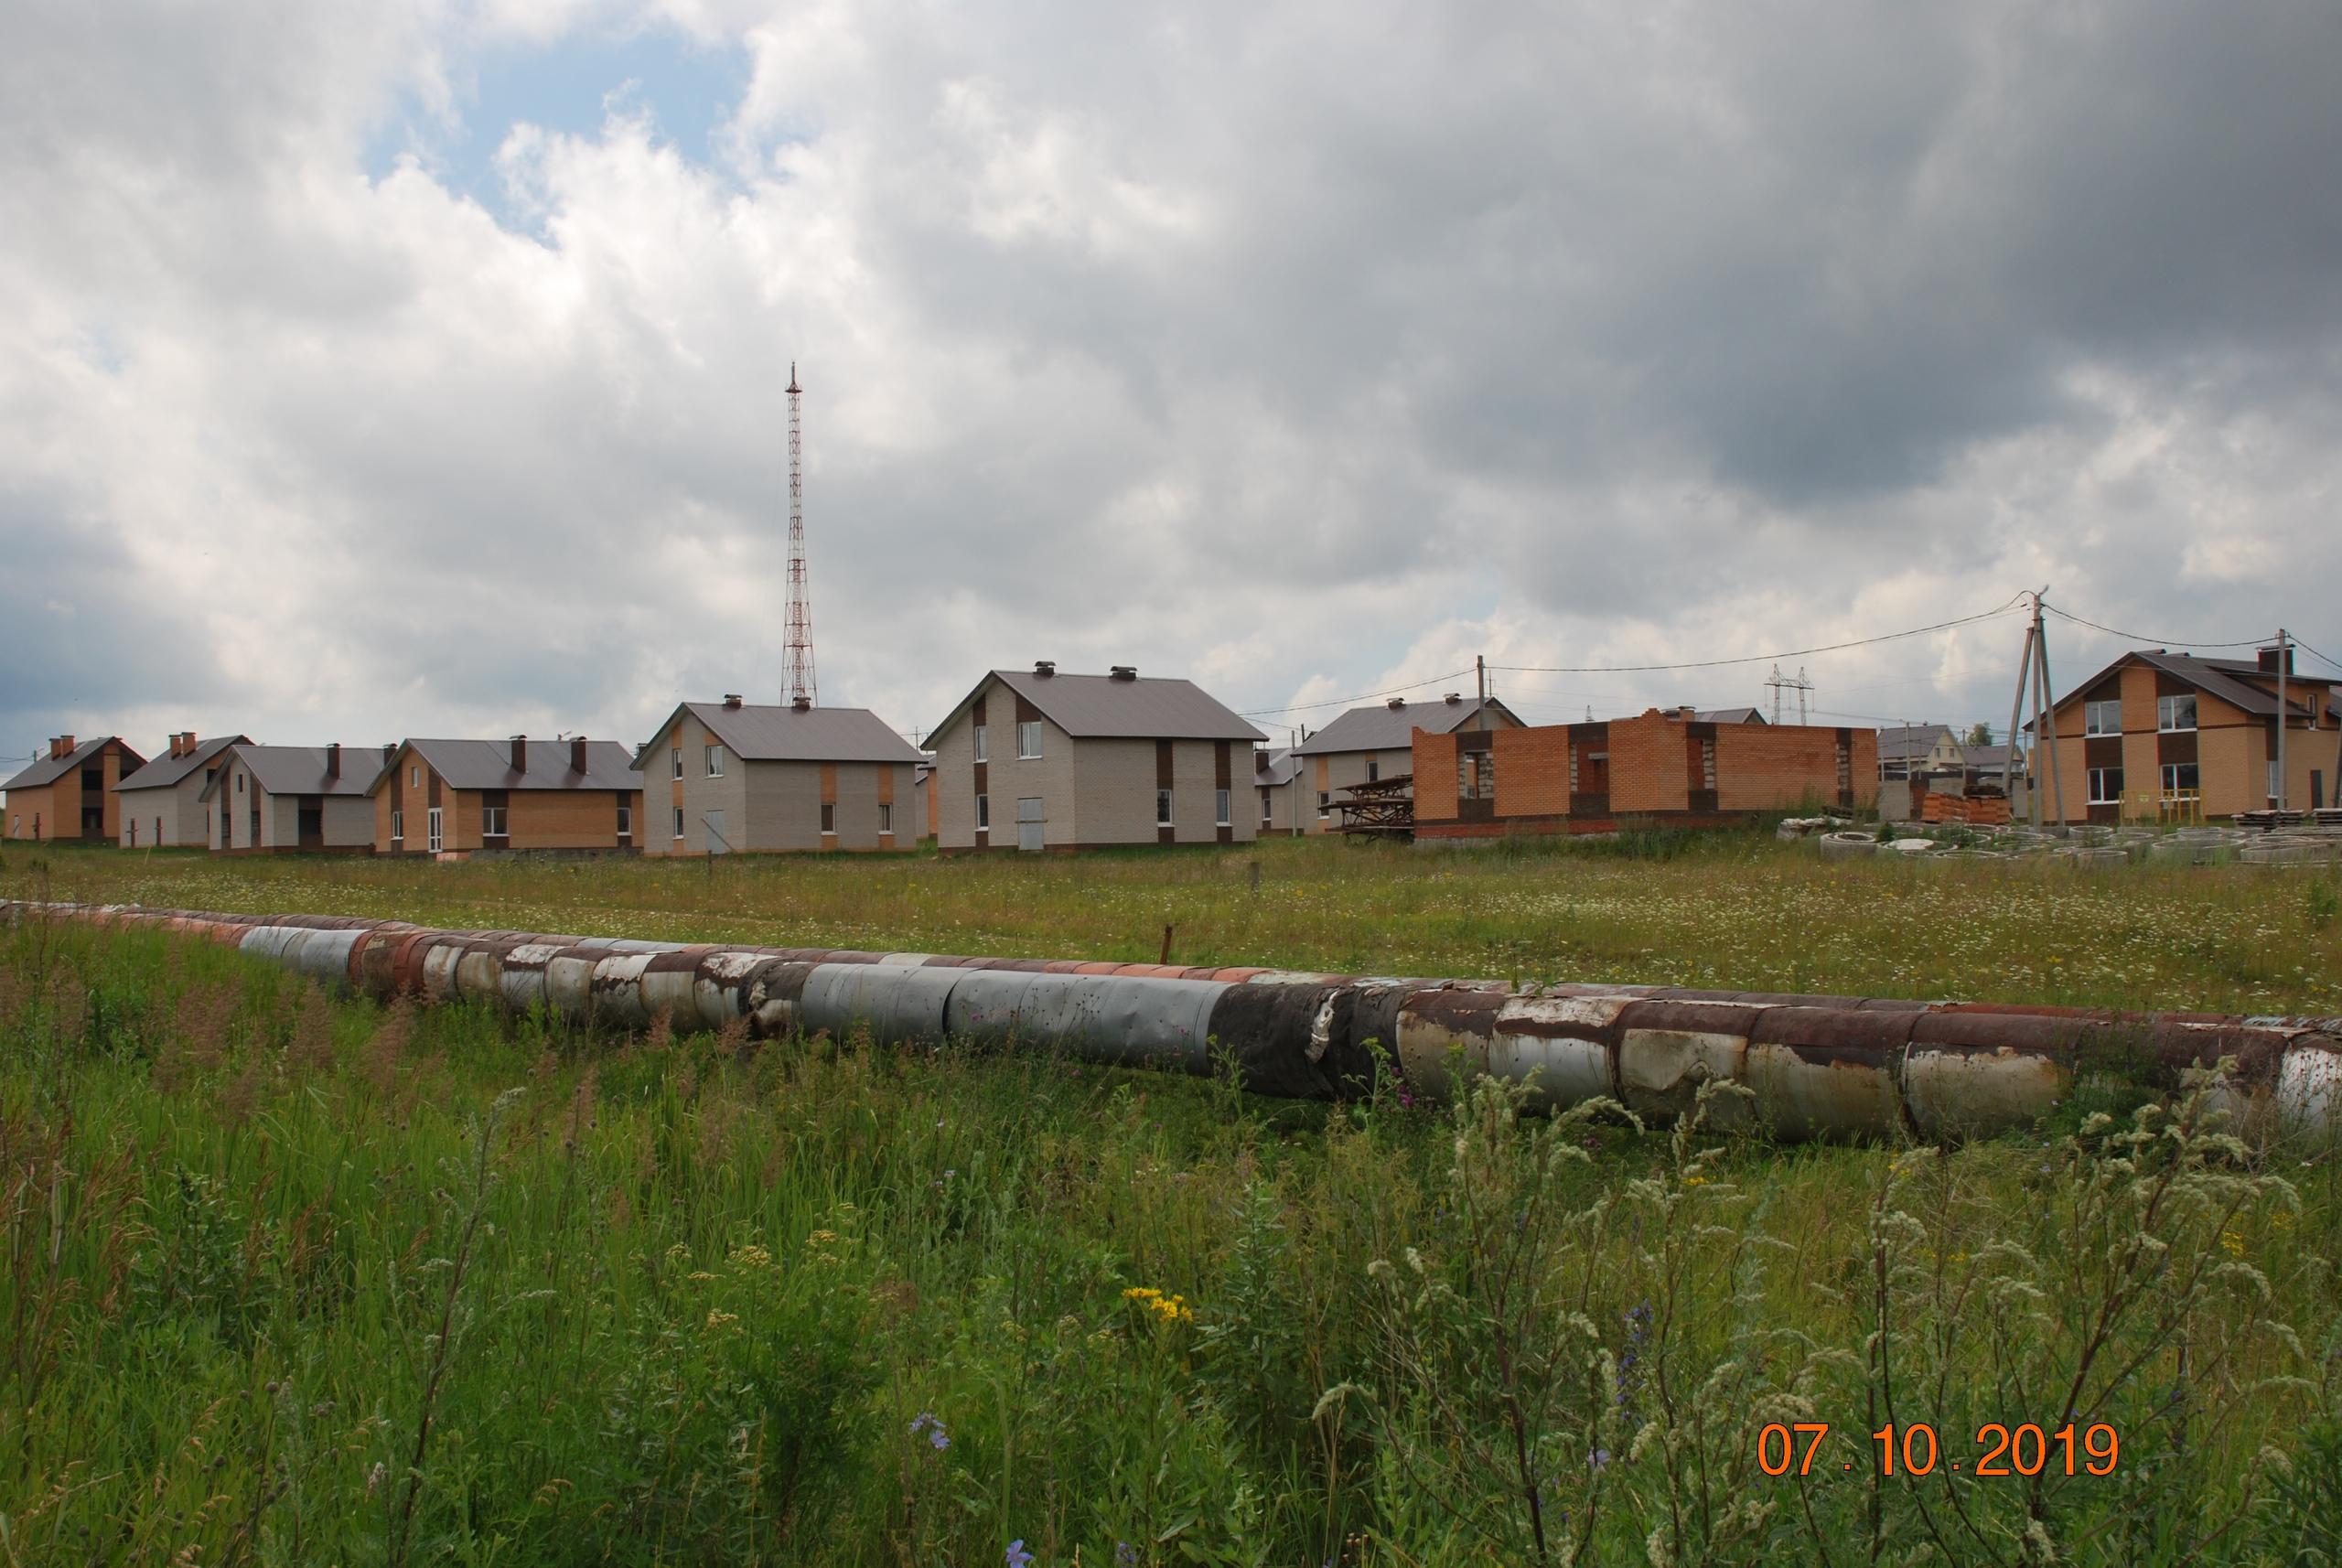 комплексаная застройка, чайковский район, 2019 год